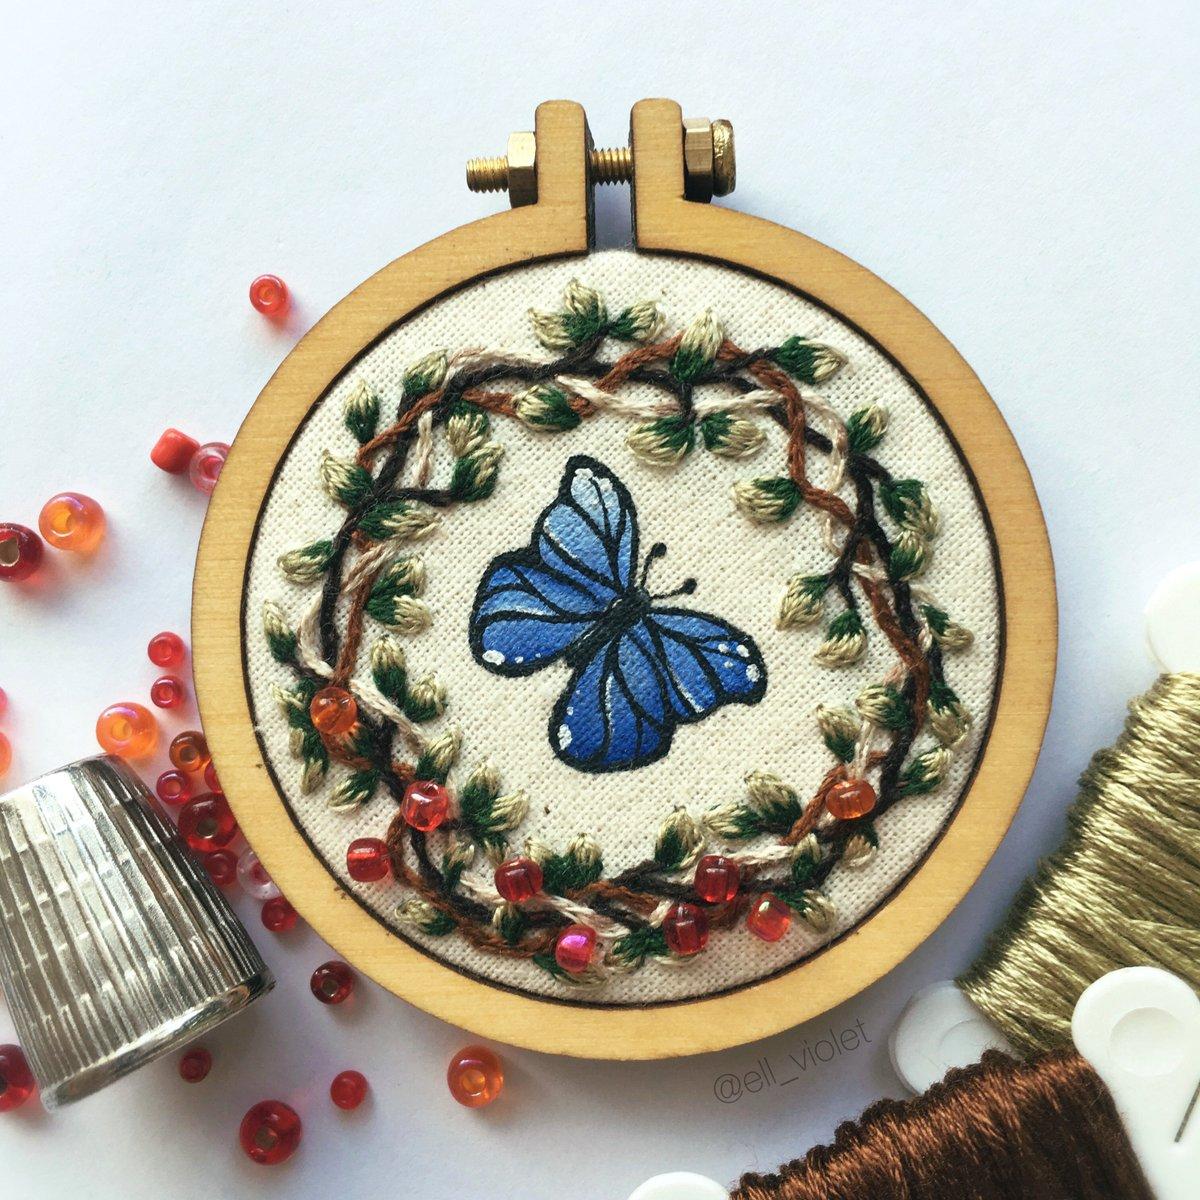 ein blauer Schmetterling, rote Perlen